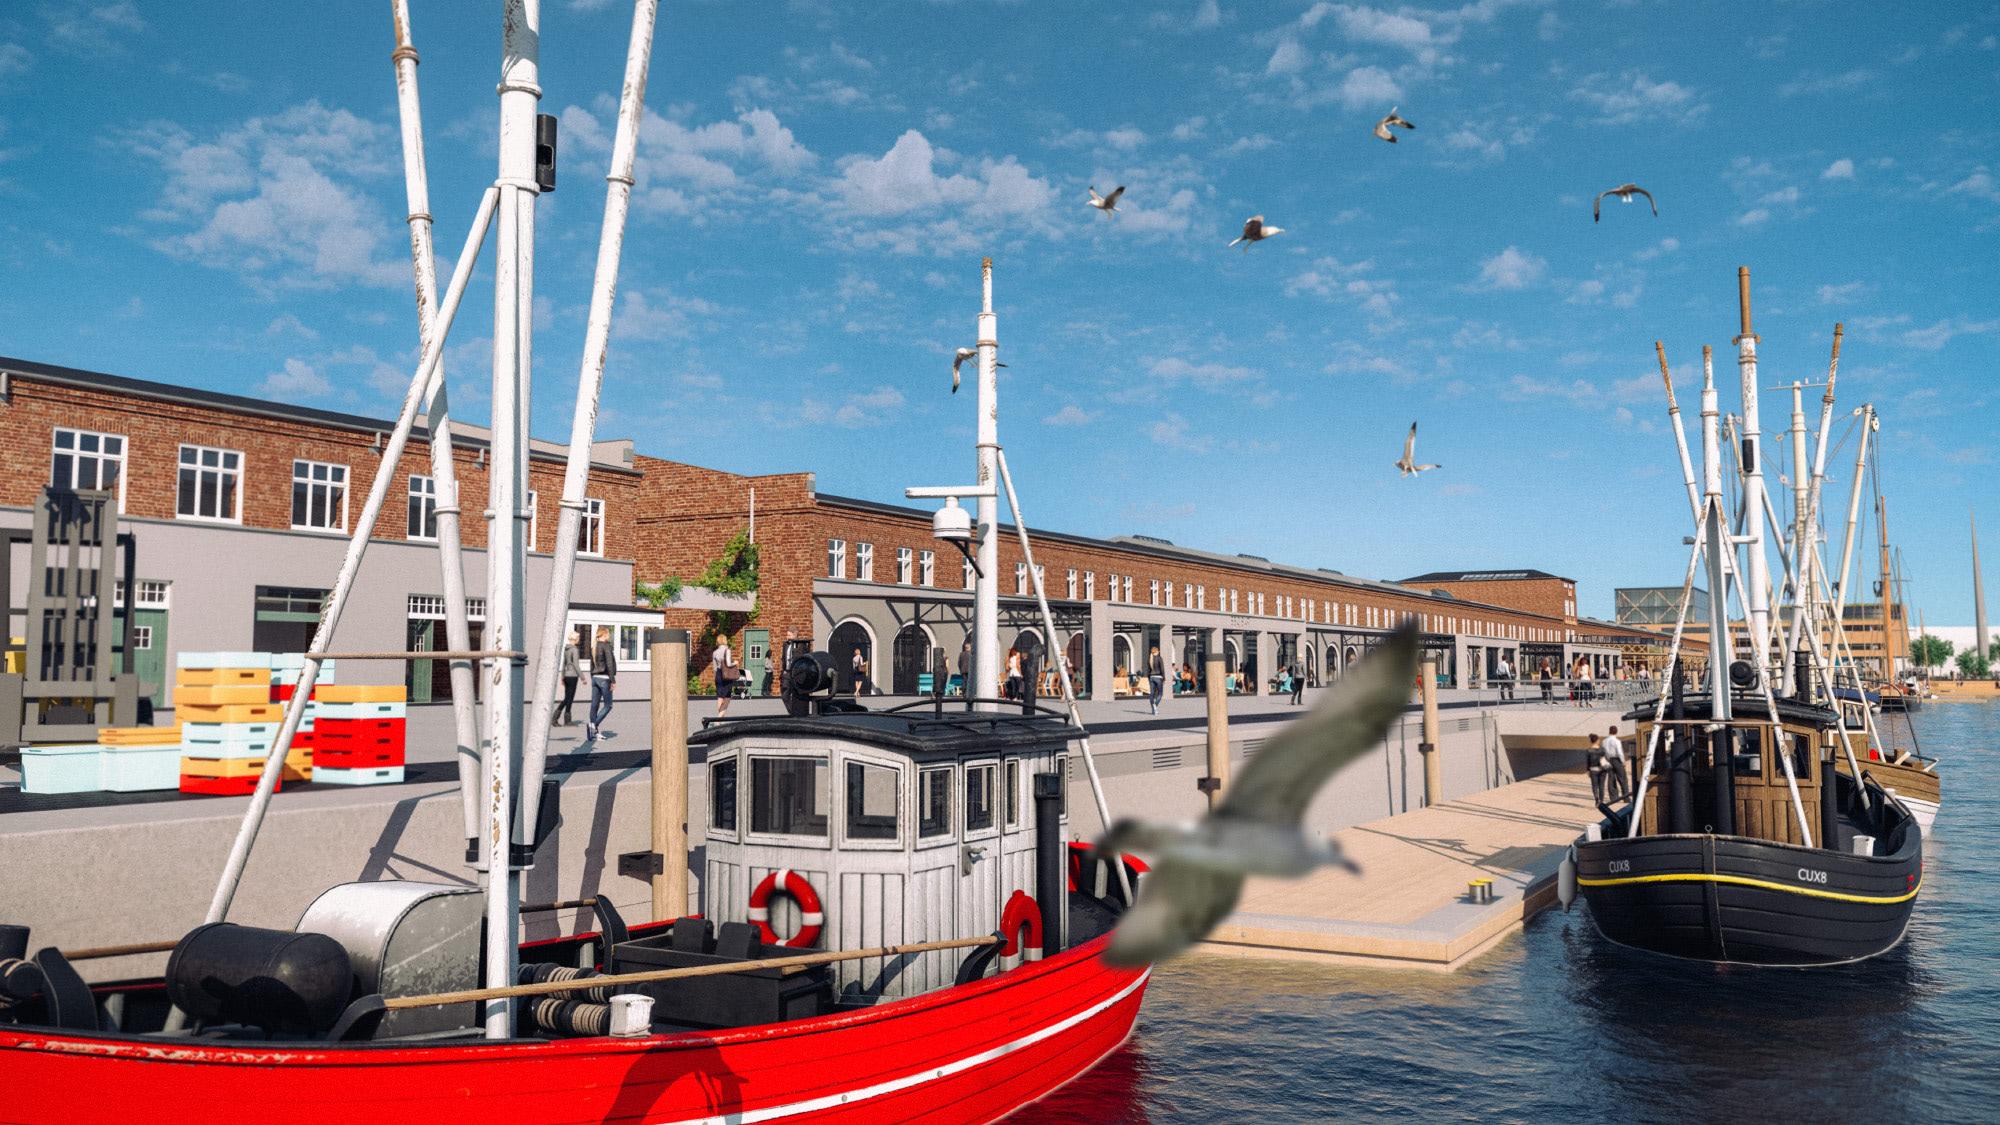 Destinationsentwicklung Quartier Alter Fischereihafen Cuxhaven Fischhalle vom Nordseekai Going Places